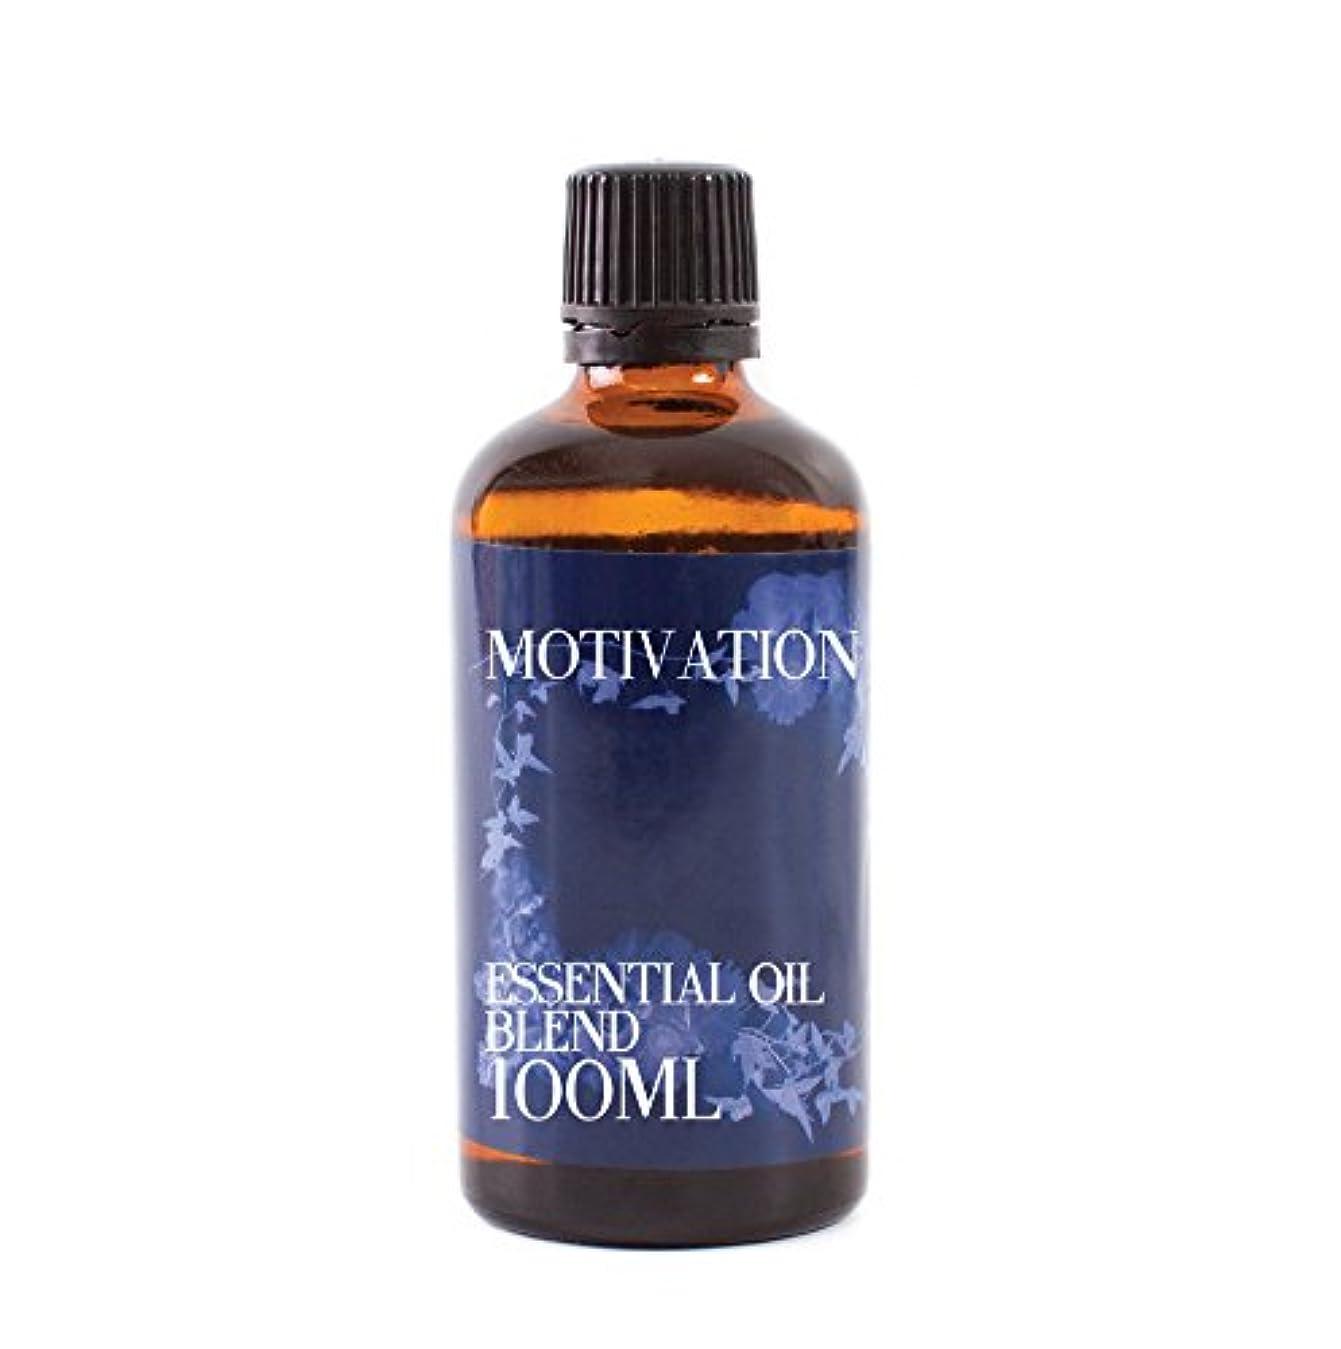 投資するカルシウム機械Mystix London | Motivation Essential Oil Blend - 100ml - 100% Pure